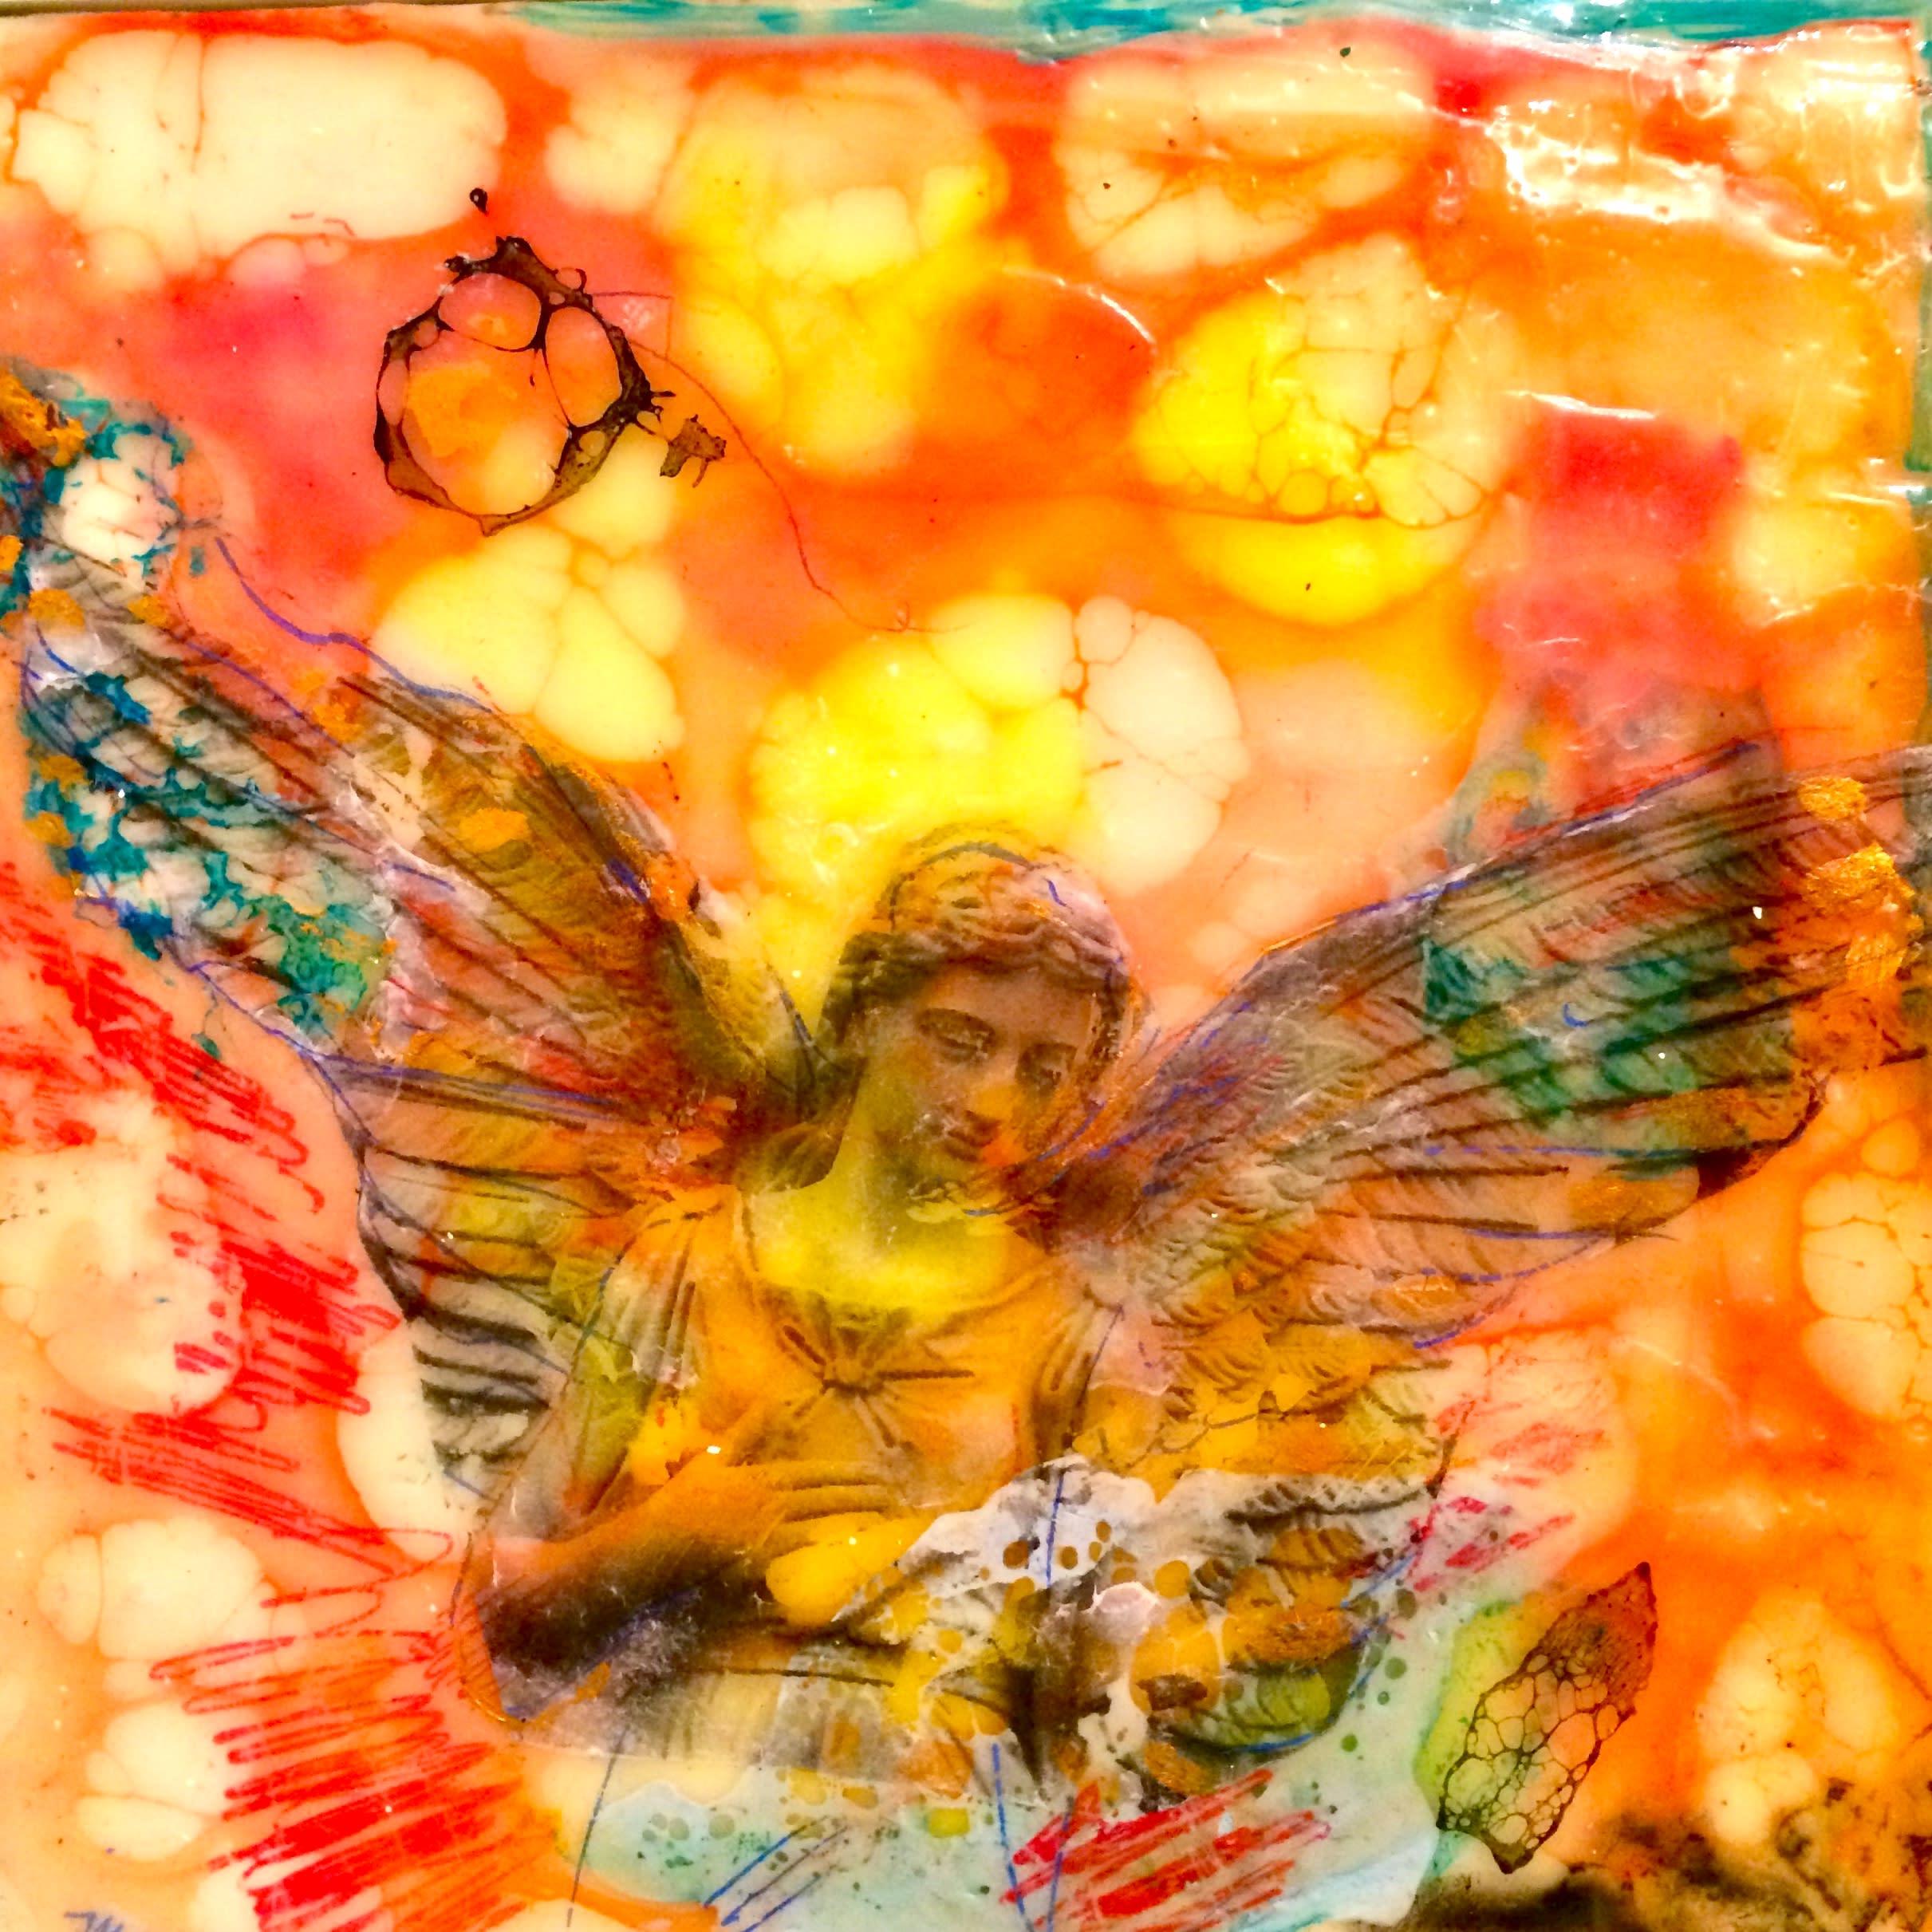 Love conquers 3 encaustic wax and mixed media 6x6 teg93j